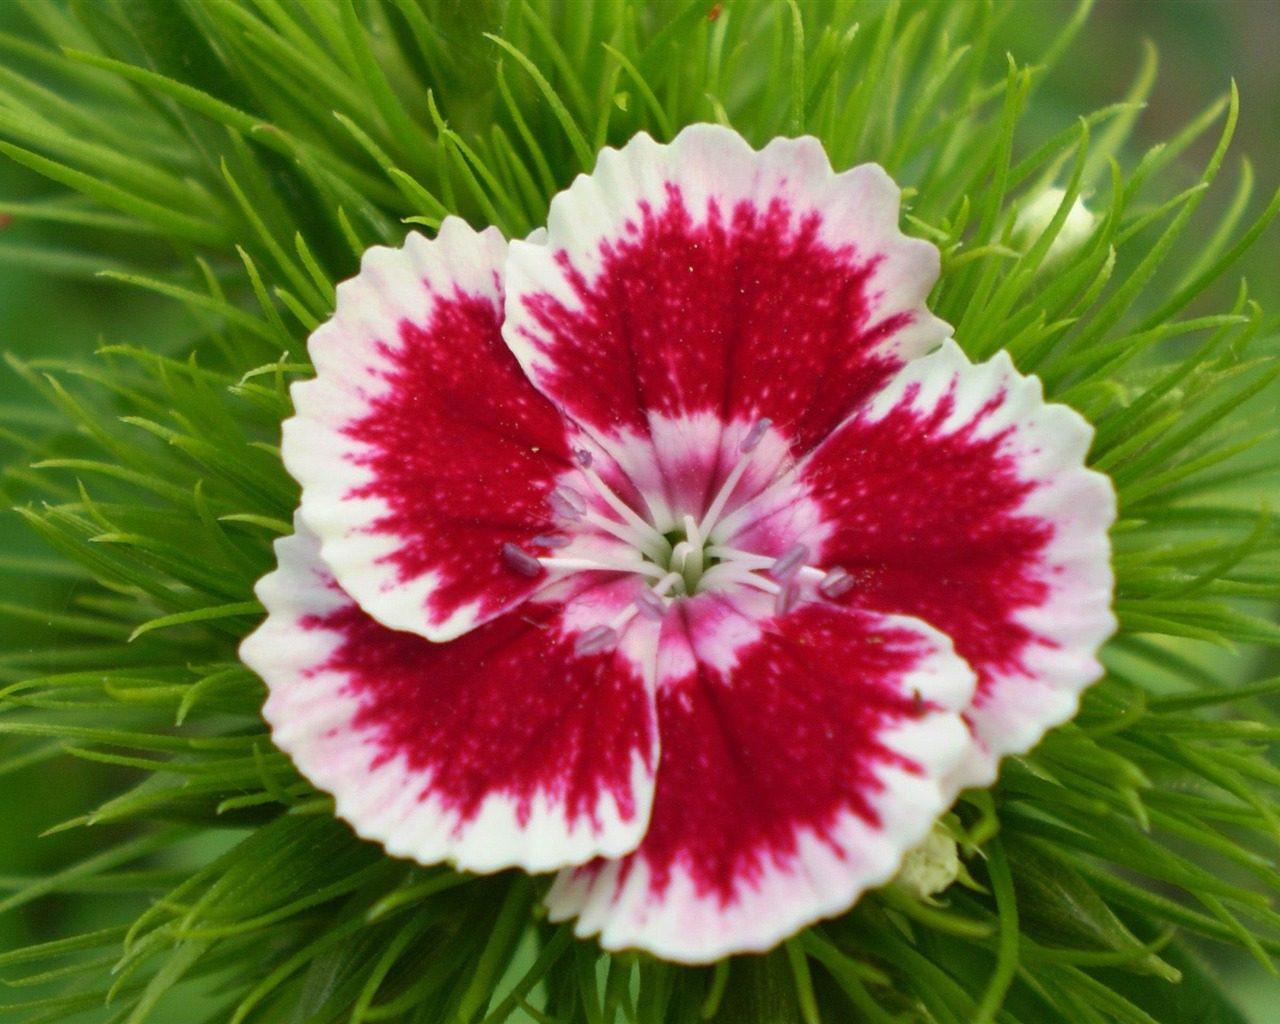 Flor de una clavel